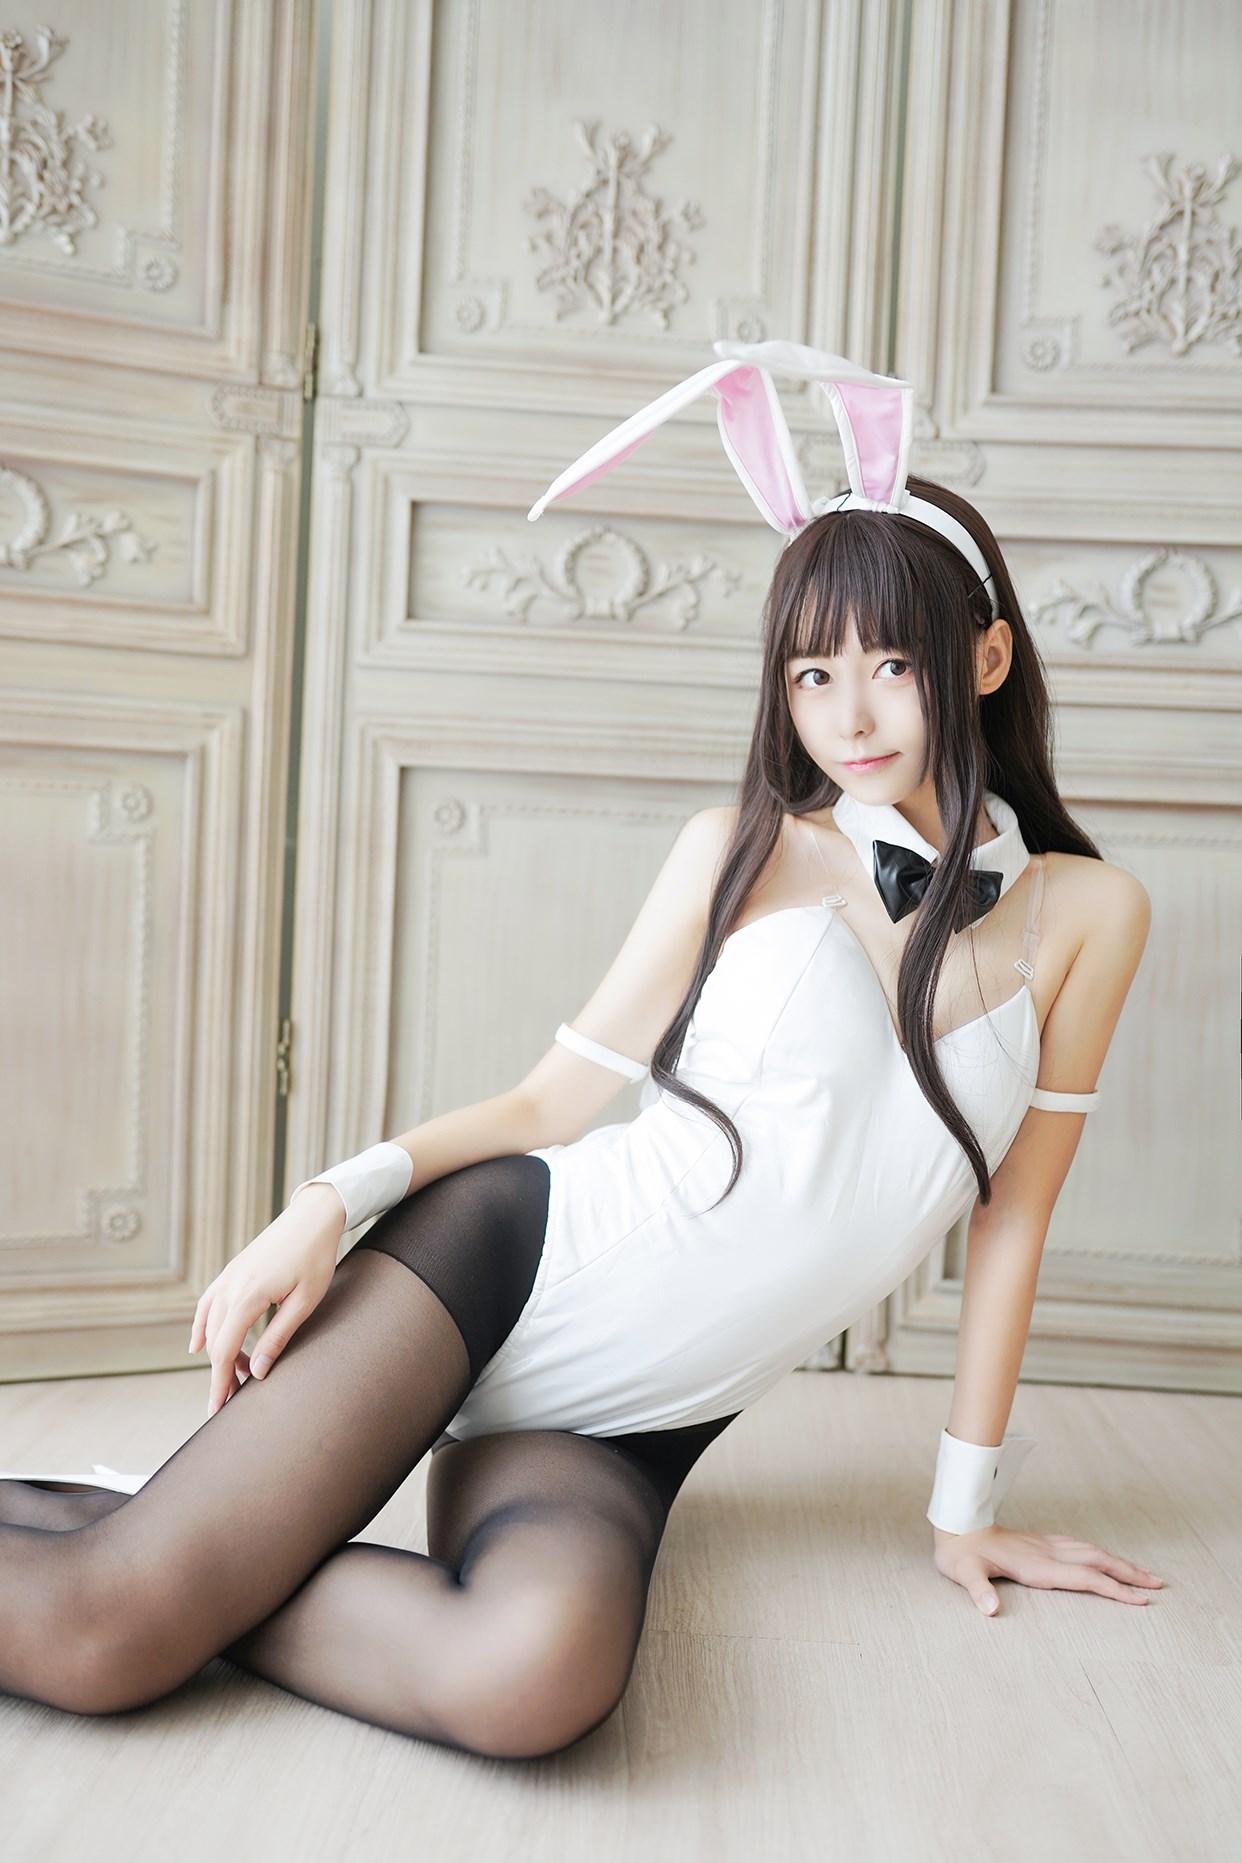 【兔玩映画】兔女郎vol.17-白兔 兔玩映画 第19张